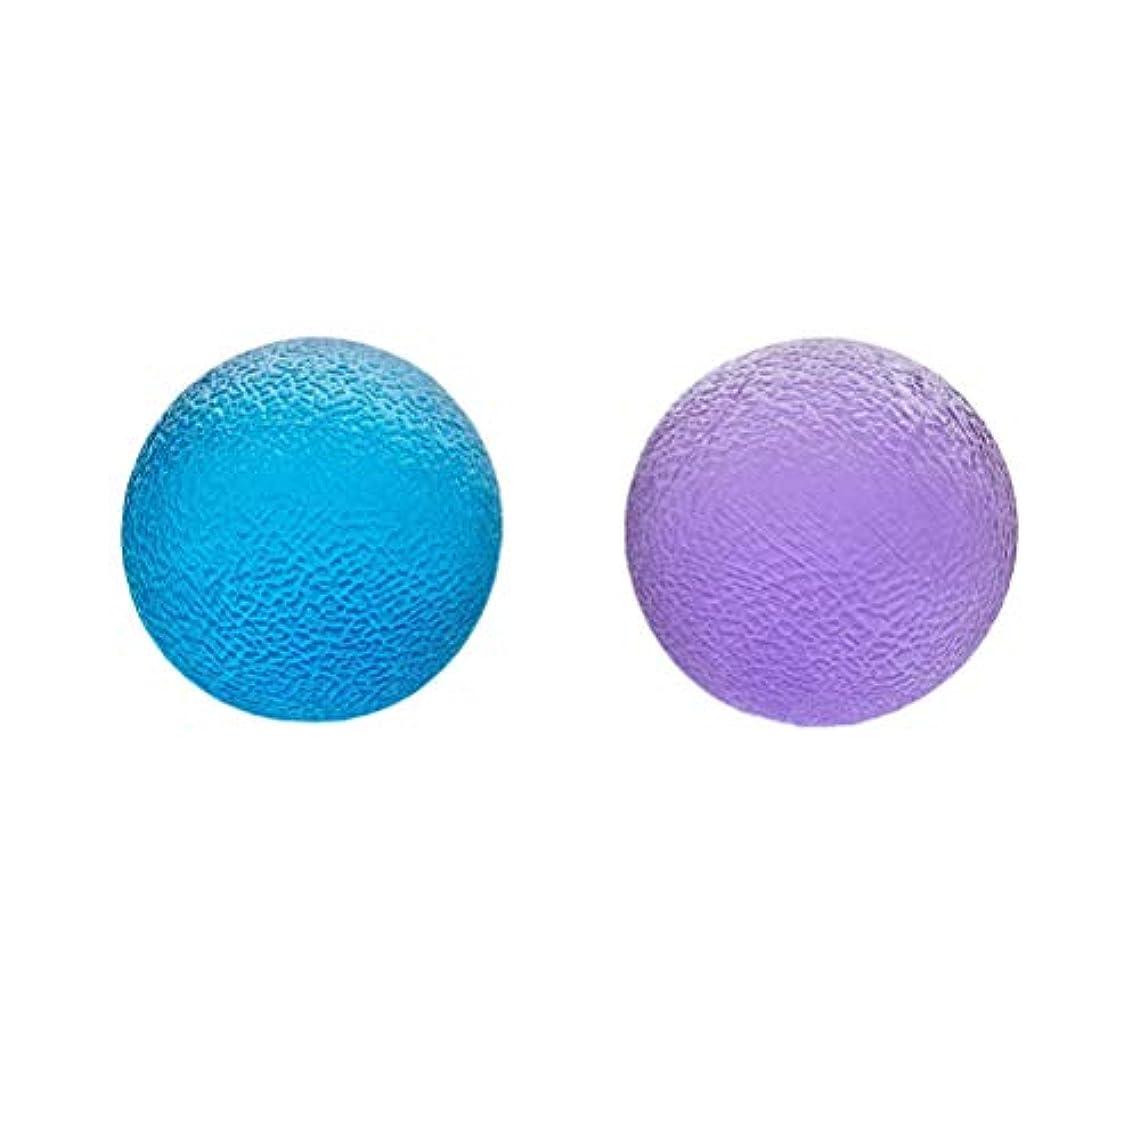 絶縁するメジャー表面Healifty ハンドストレスボールセラピーボールストレス解消のためにハンドグリップボールを絞る関節炎の痛みを軽減するセラピー強化治療2個(青と紫)